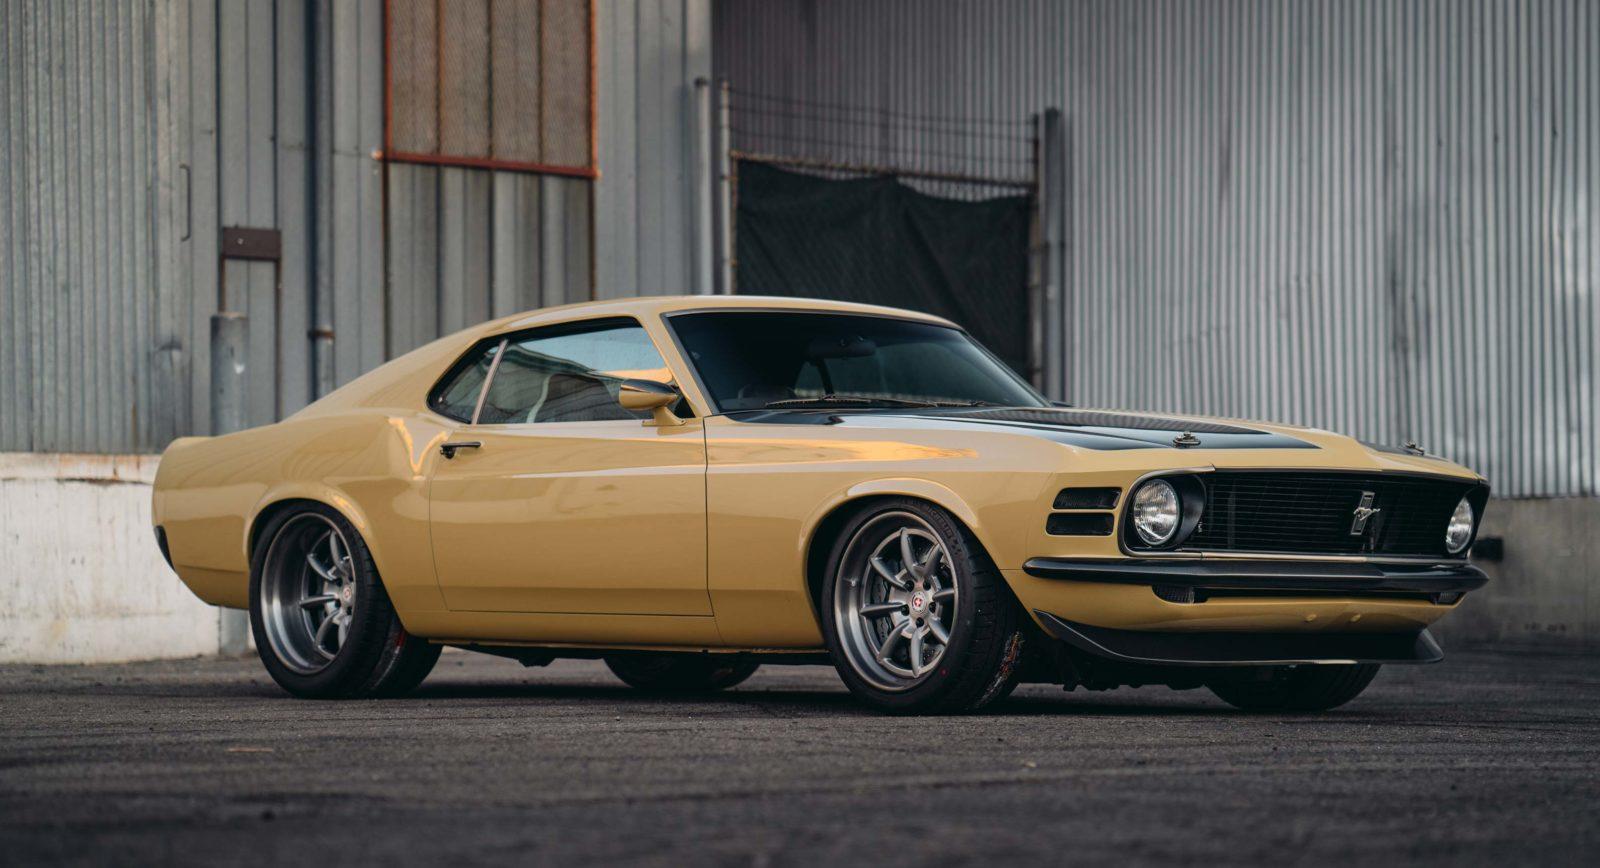 La folle Ford Mustang Custom de Robert Downey jr 1970 ironman voiture